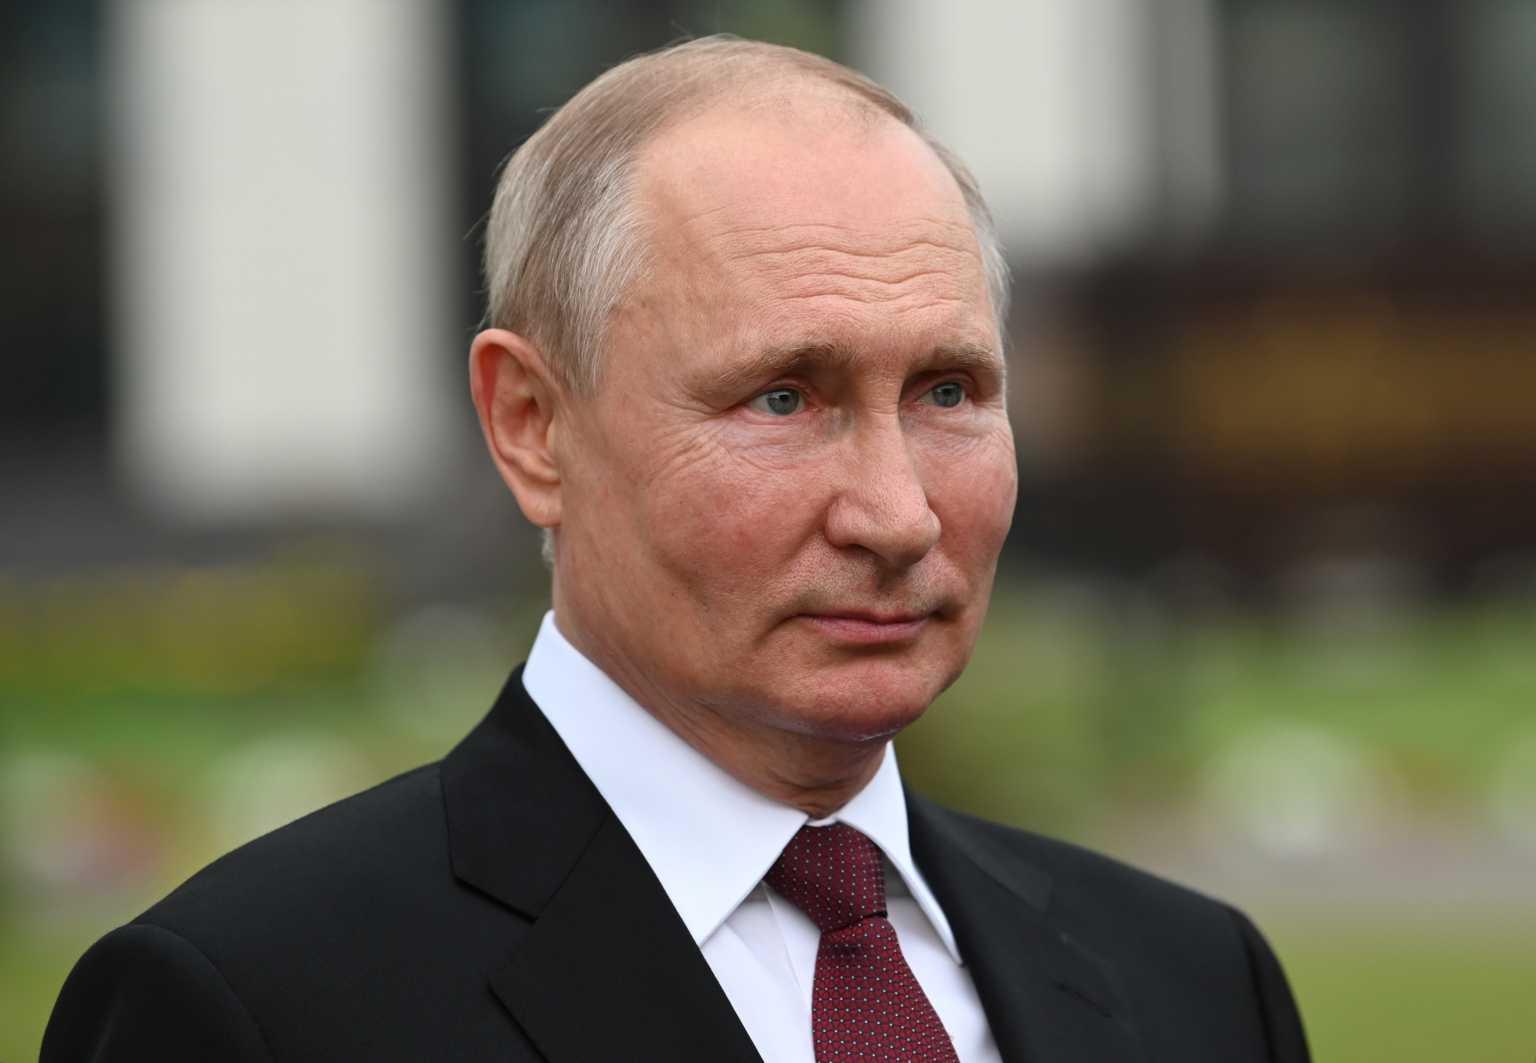 Ο Πούτιν μπαίνει σε καραντίνα: Ήρθε σε επαφή με κρούσματα